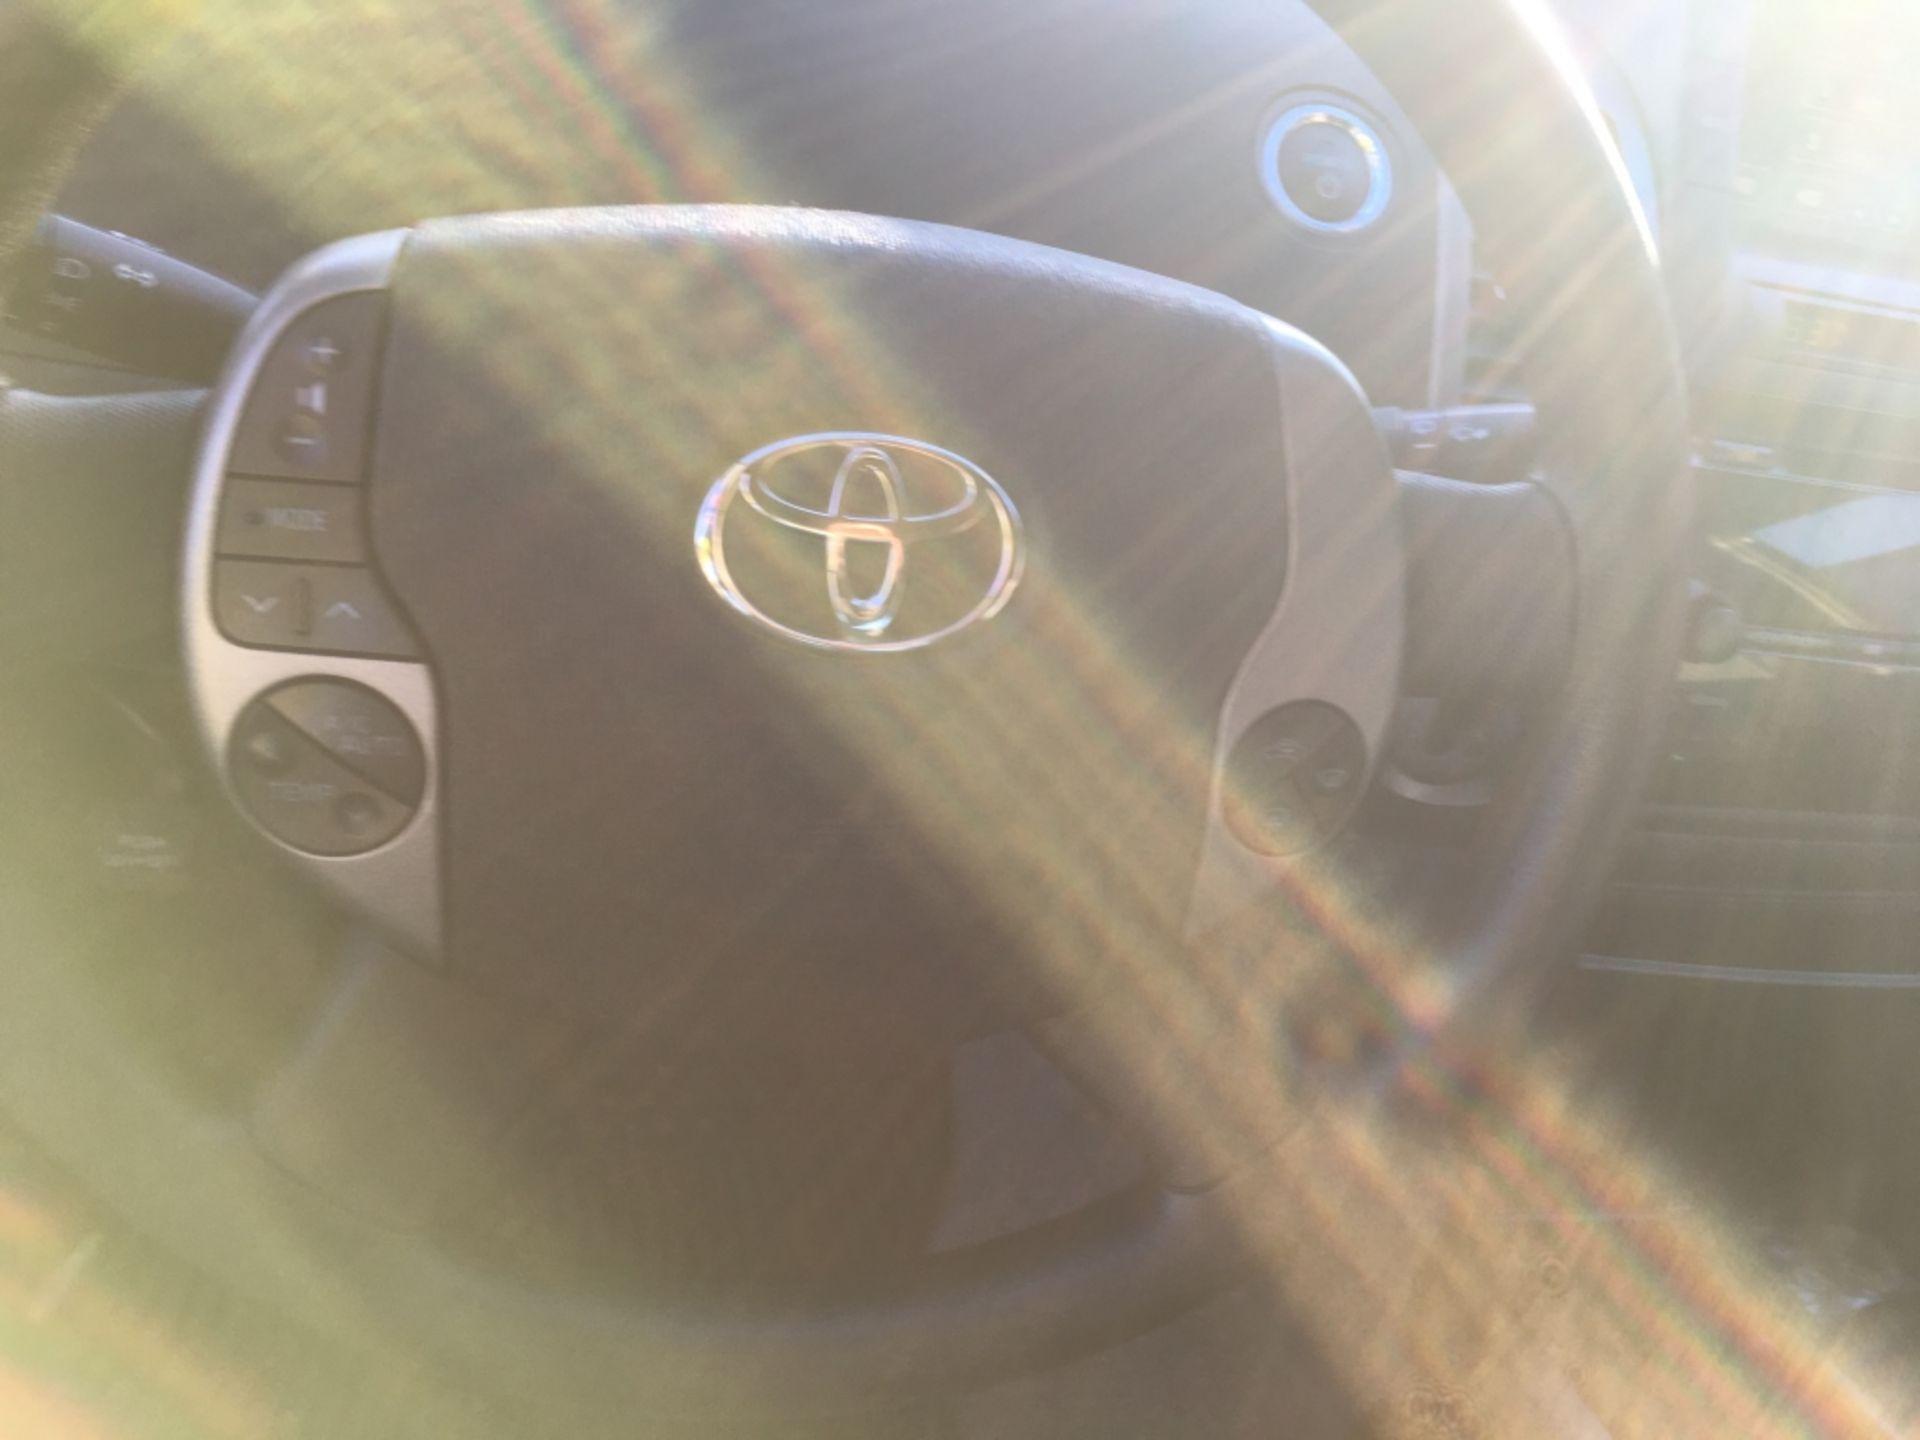 2009 Toyota Prius Sedan - Image 10 of 18